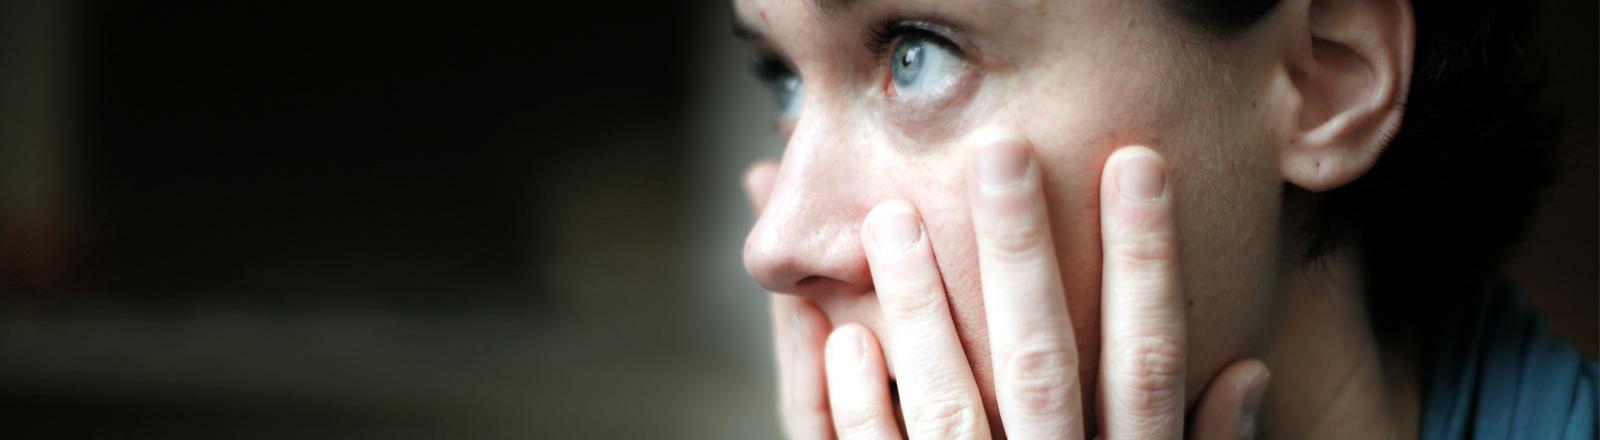 Eine Frau schaut besorgt.